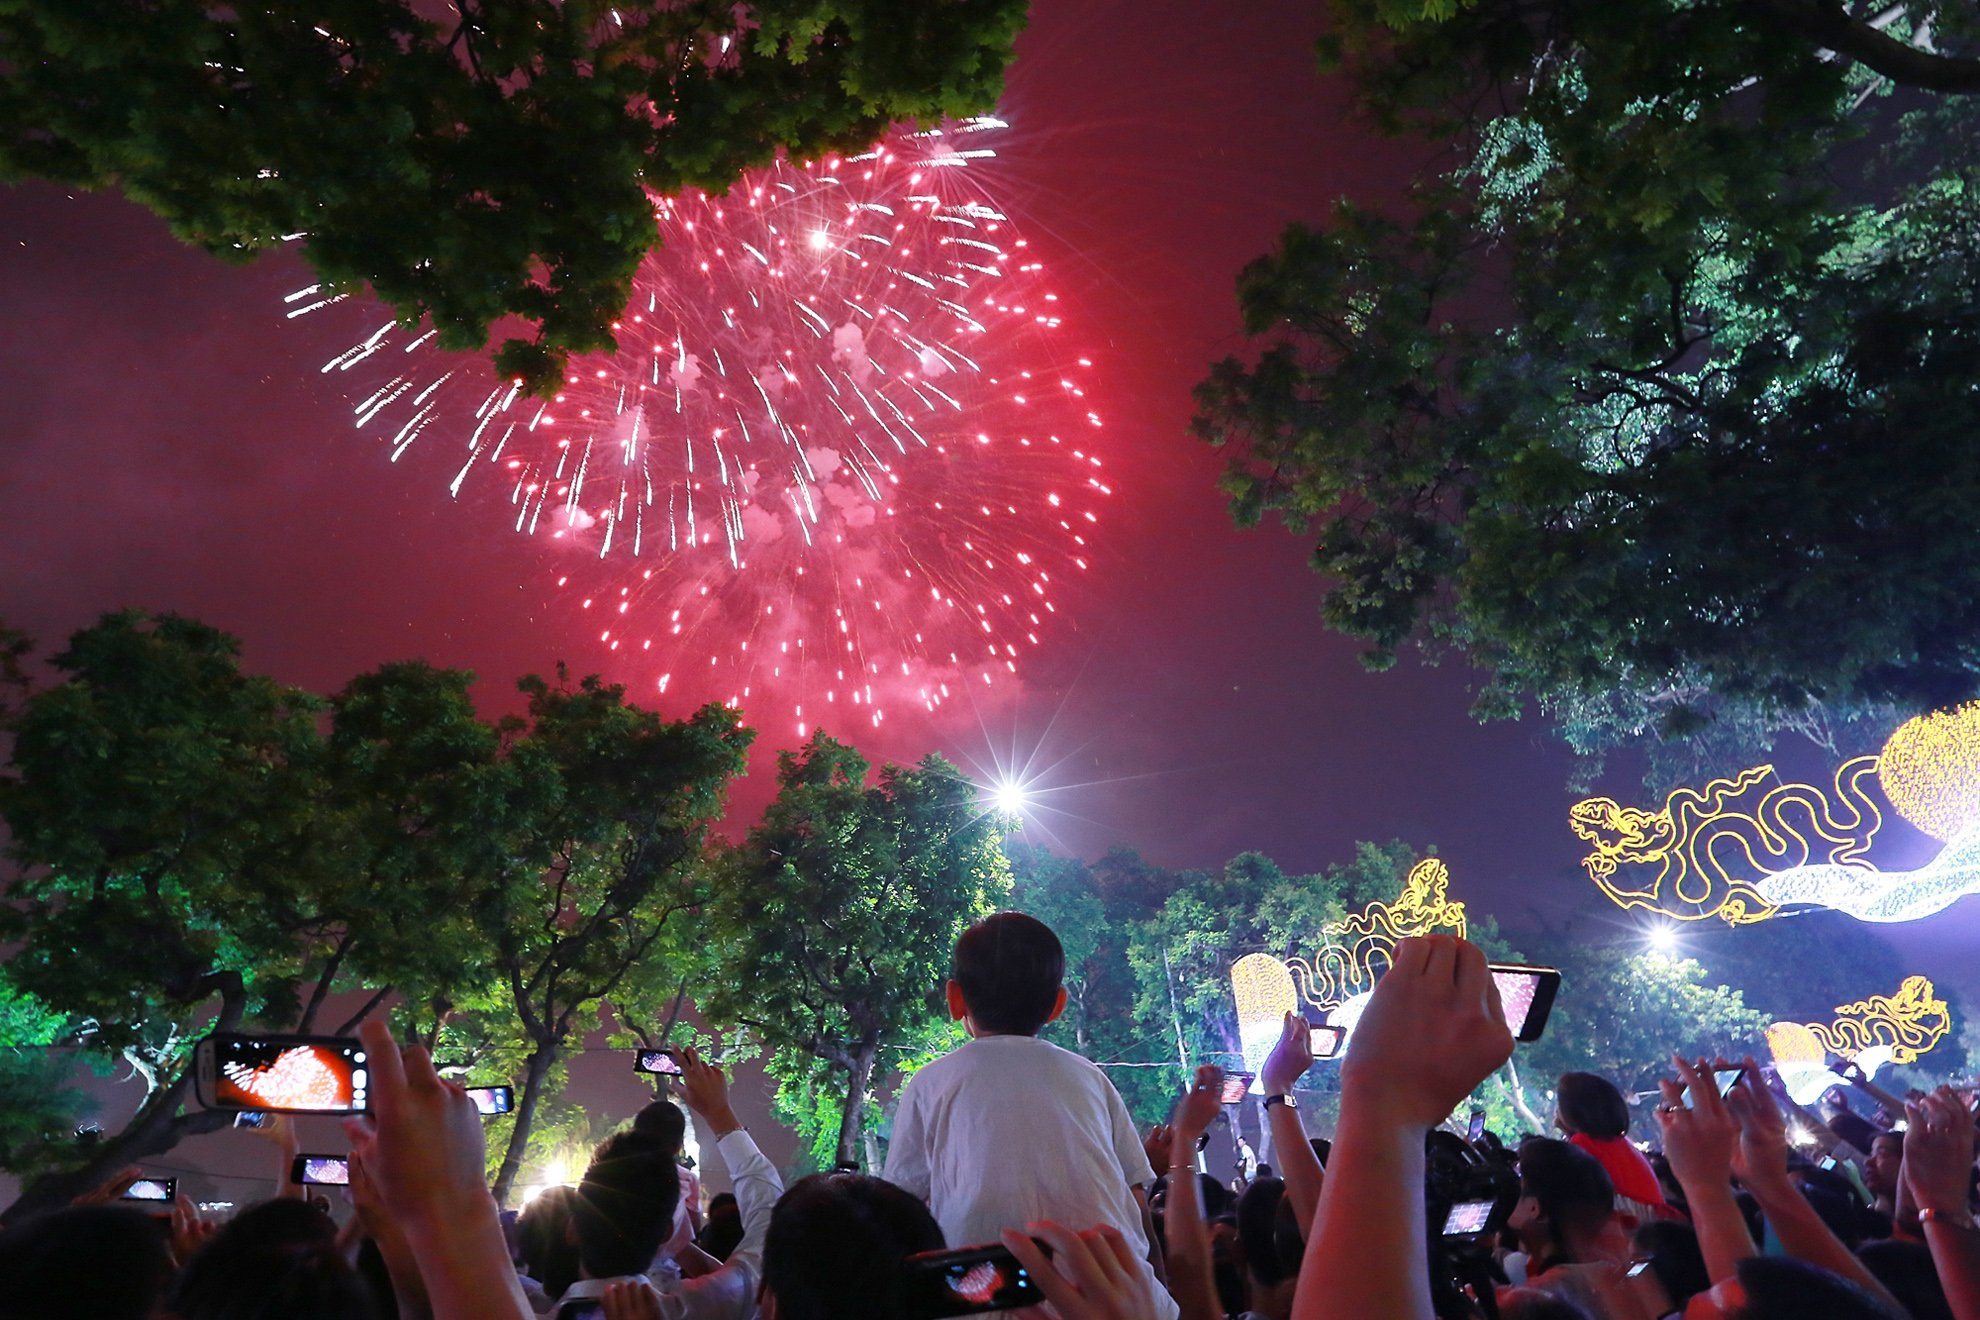 картинки нового года во вьетнаме переписки данные